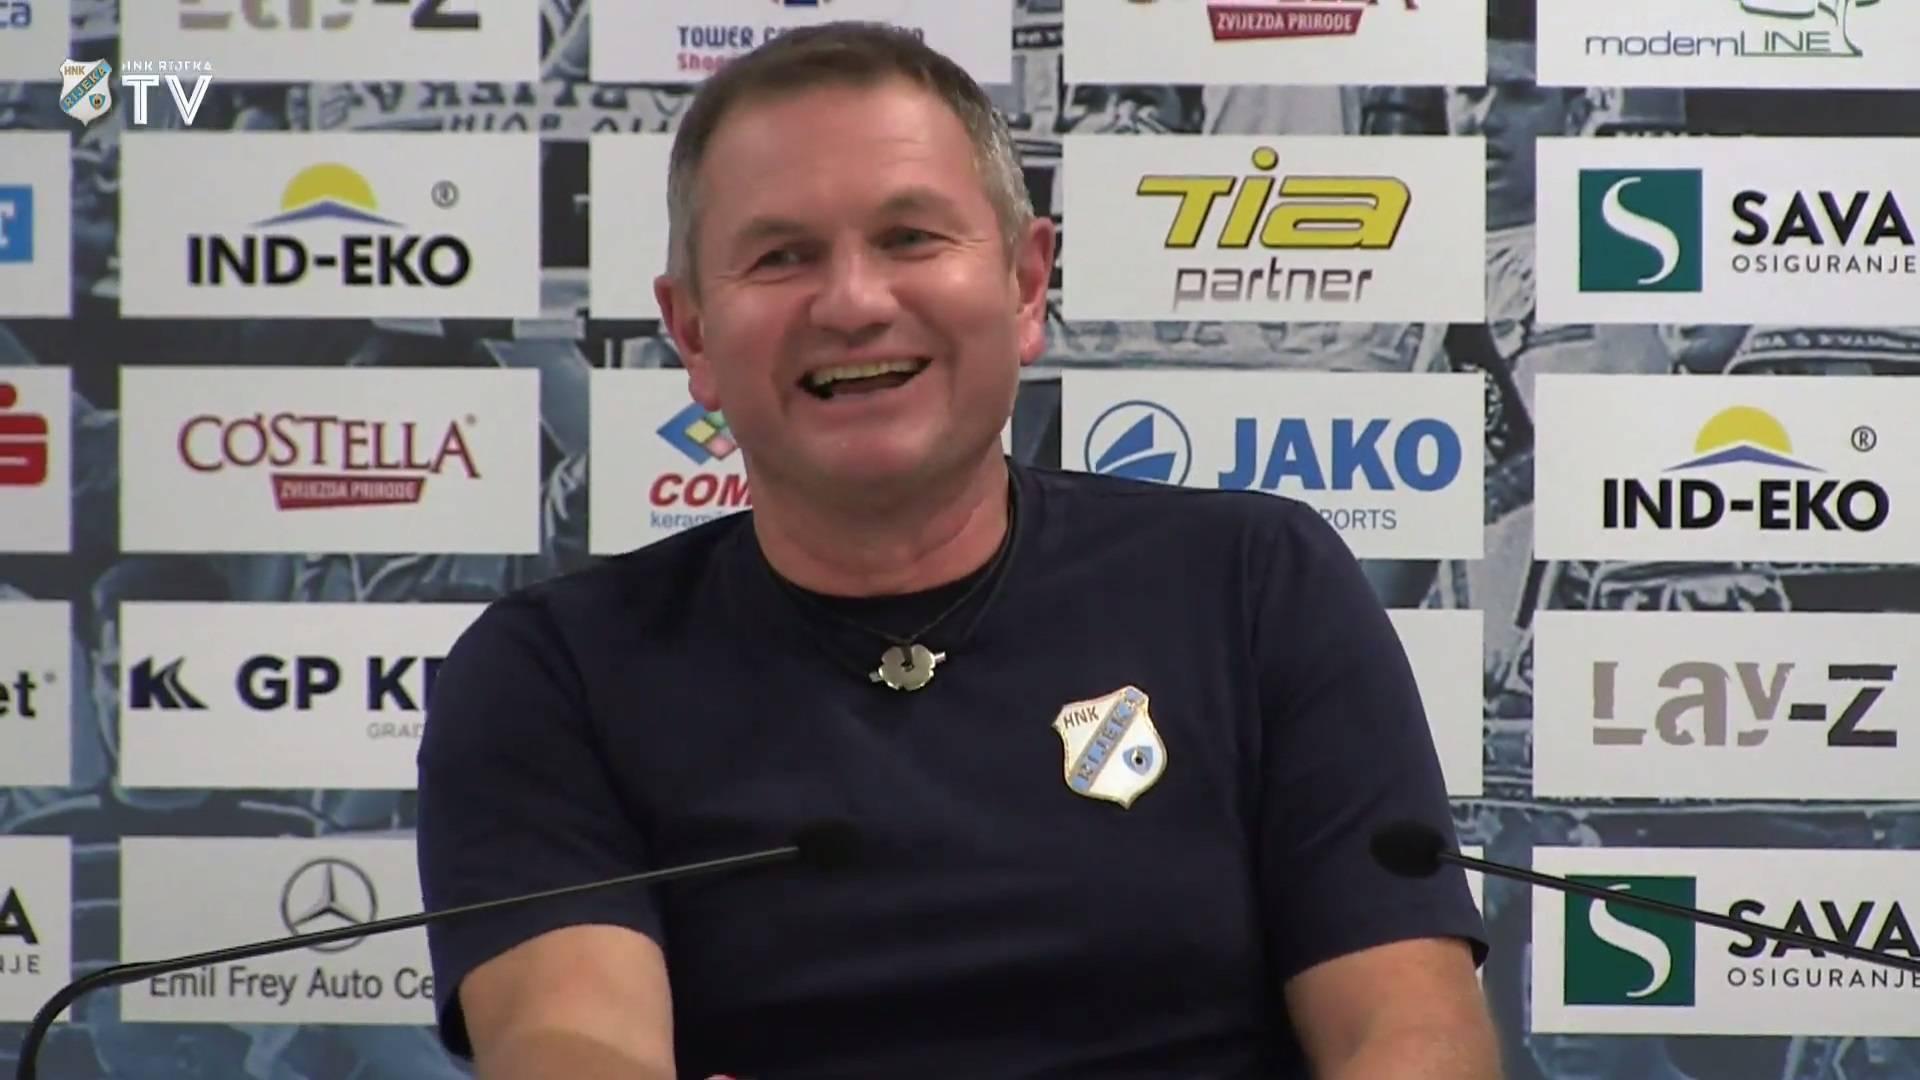 Kek: Ne idem na Rujevicu jer ja nekad znam biti baš neugodan!